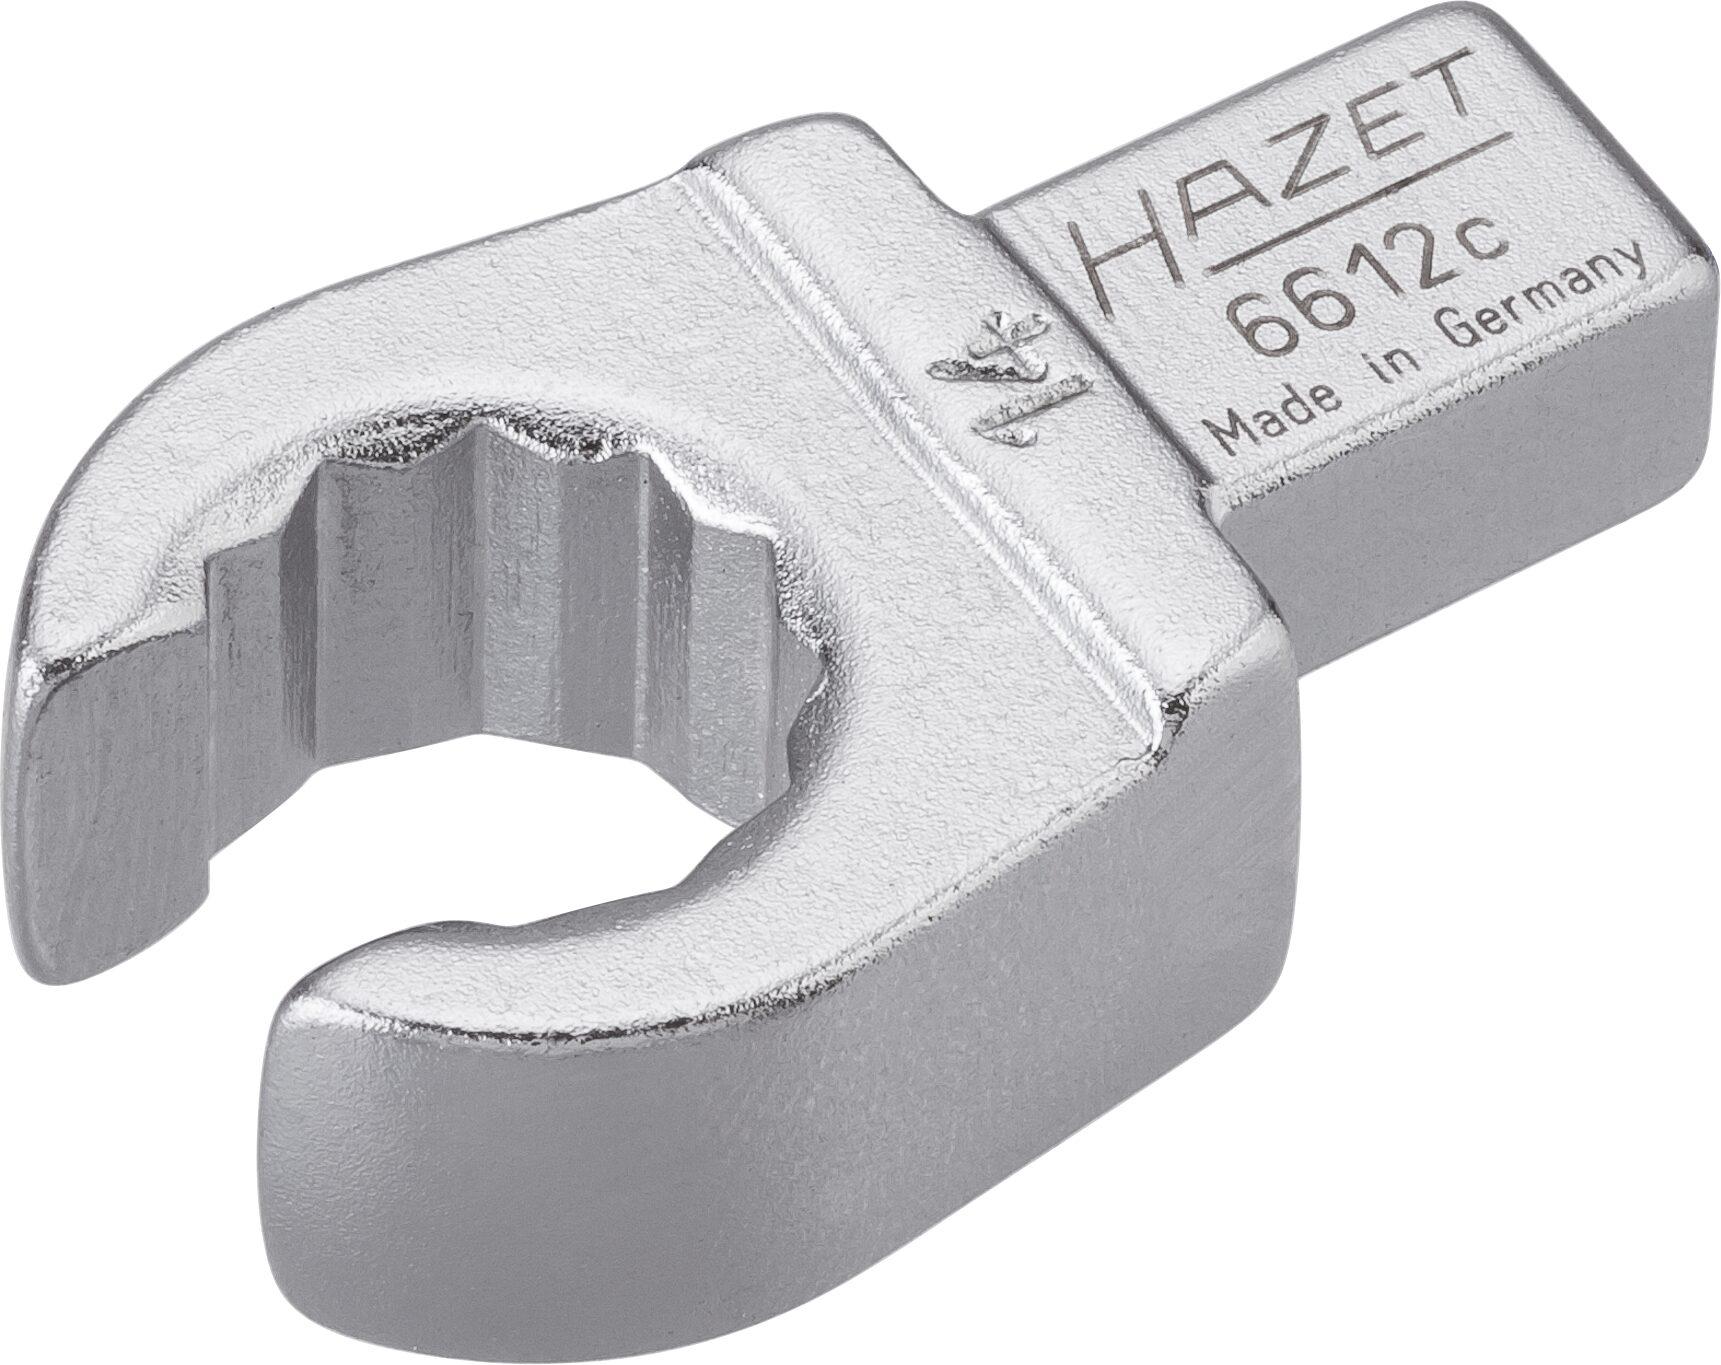 HAZET Einsteck-Ringschlüssel ∙ offen 6612C-14 ∙ Einsteck-Vierkant 9 x 12 mm ∙ Außen-Doppel-Sechskant Profil ∙ 14 mm